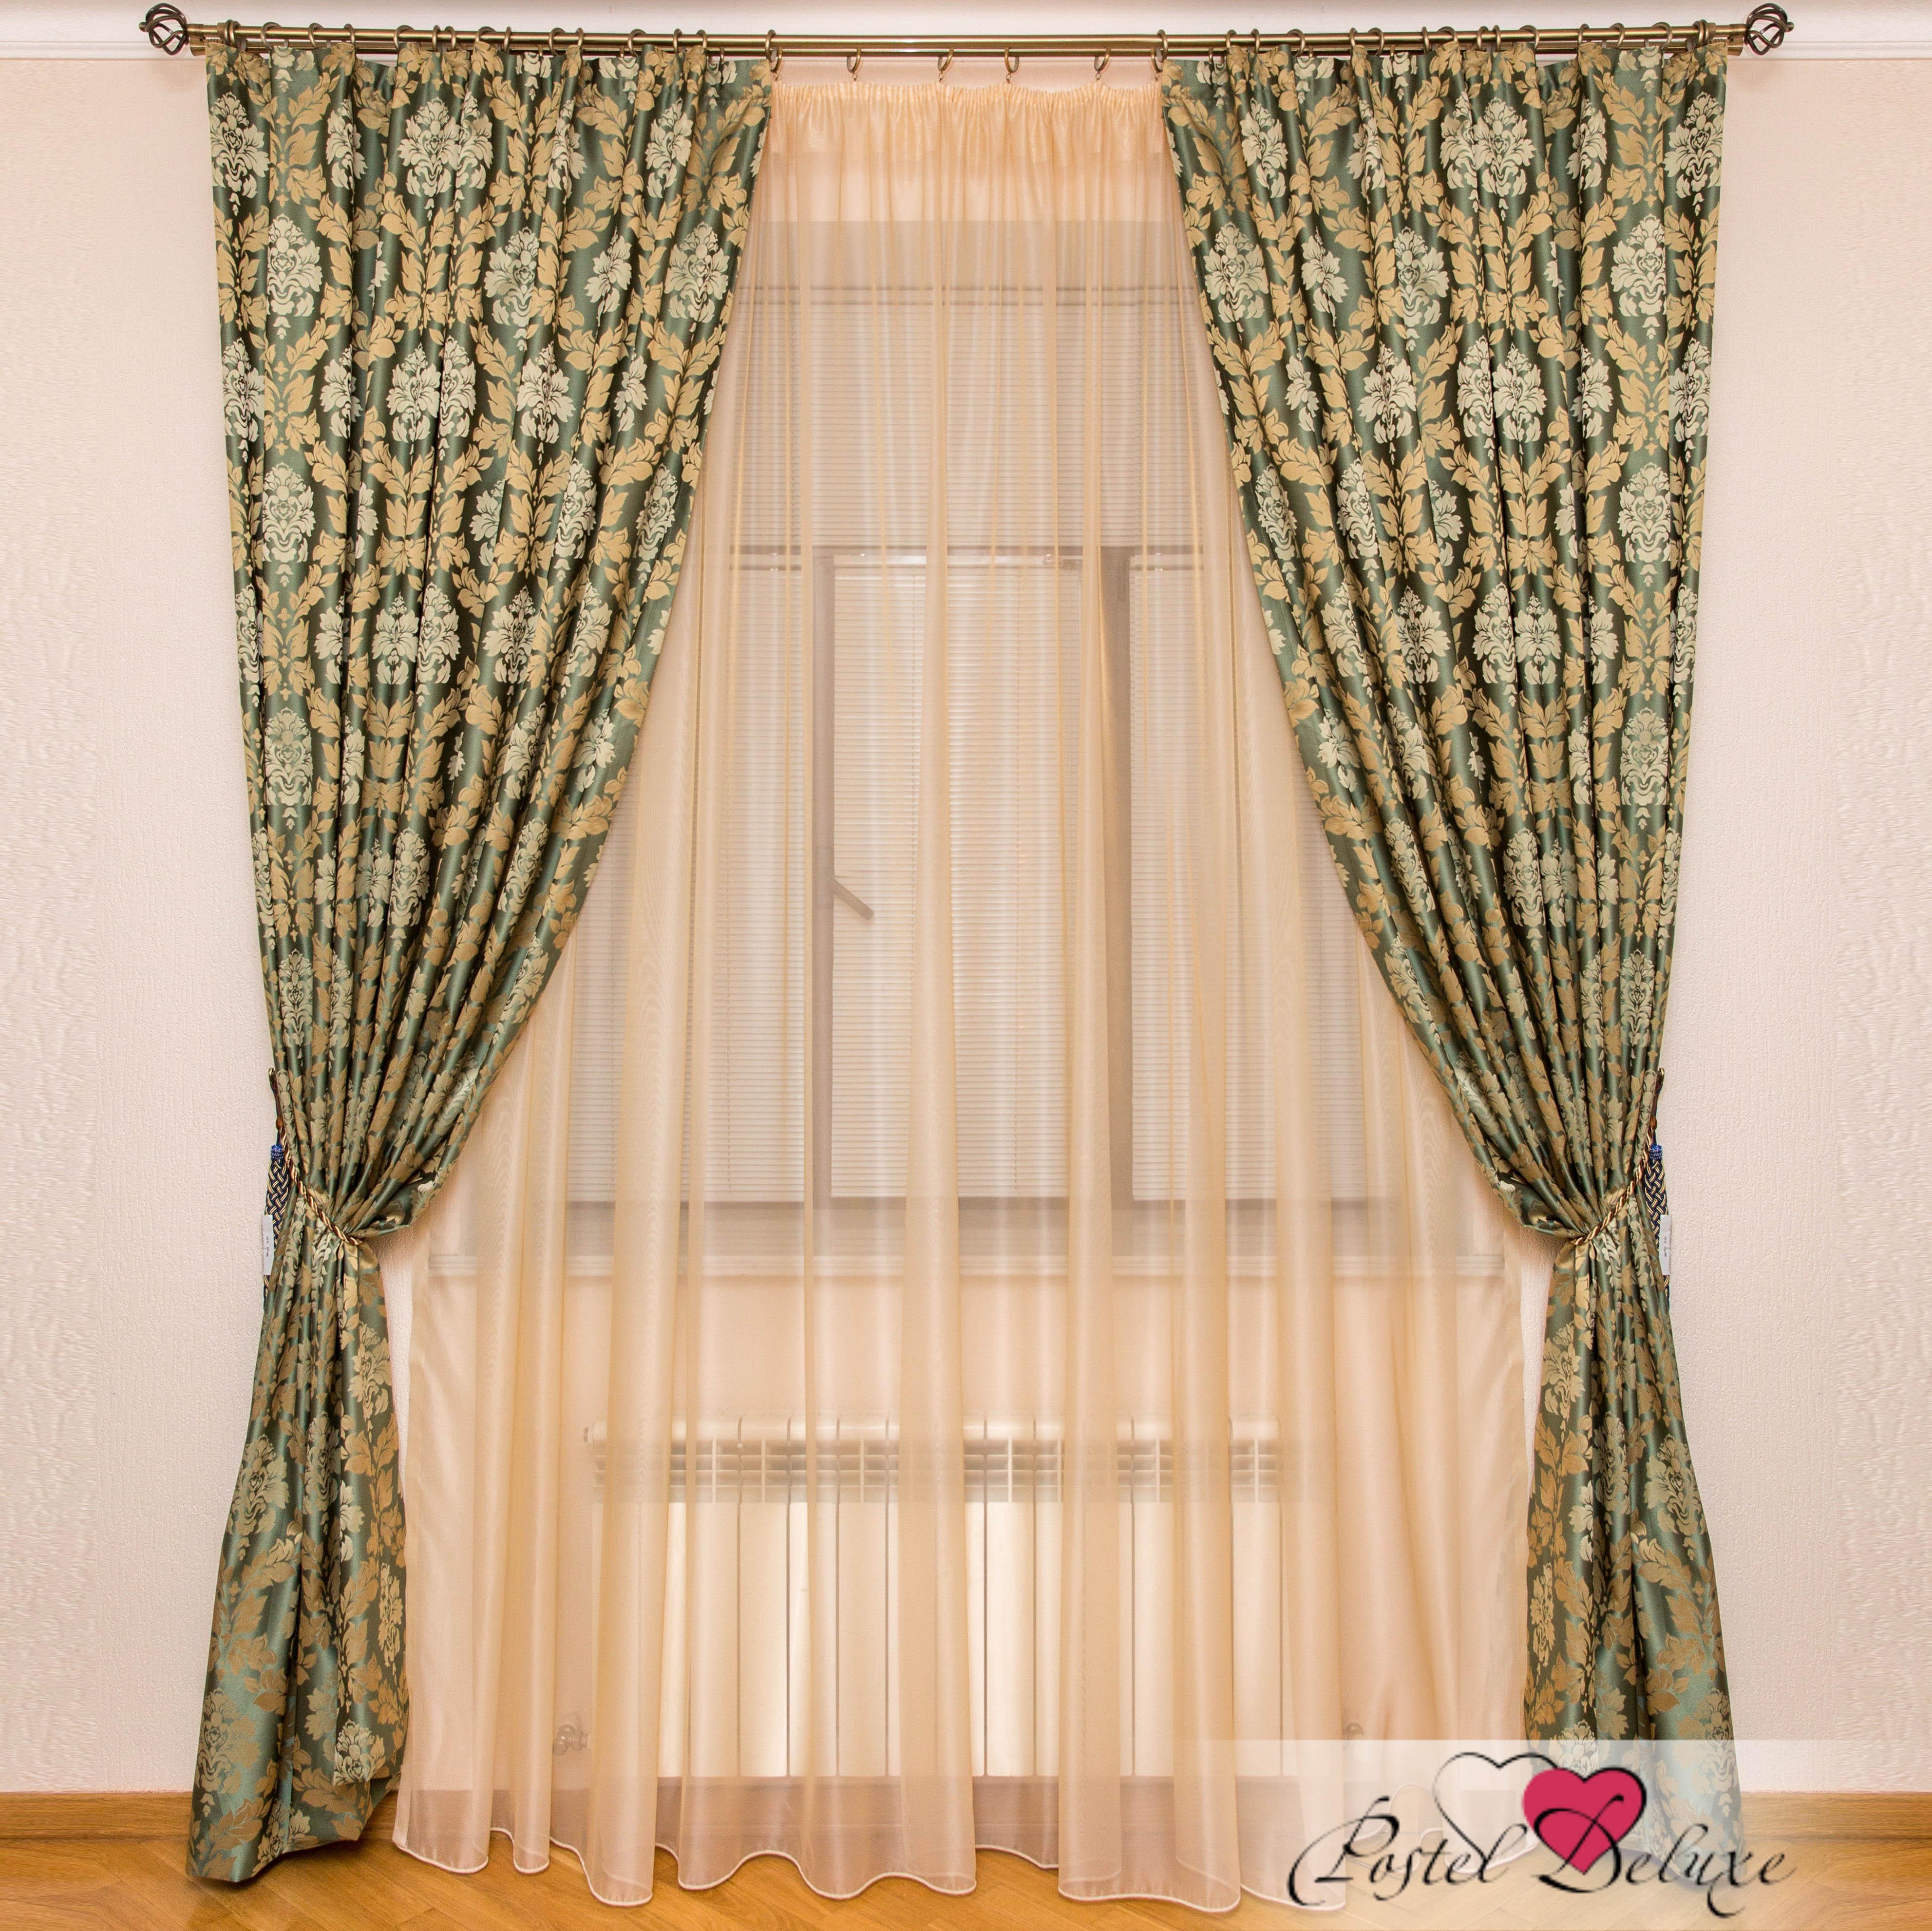 Шторы Interiotex Классические шторы Кальяри Цвет: Зеленый шторы tac классические шторы winx цвет персиковый 200x265 см